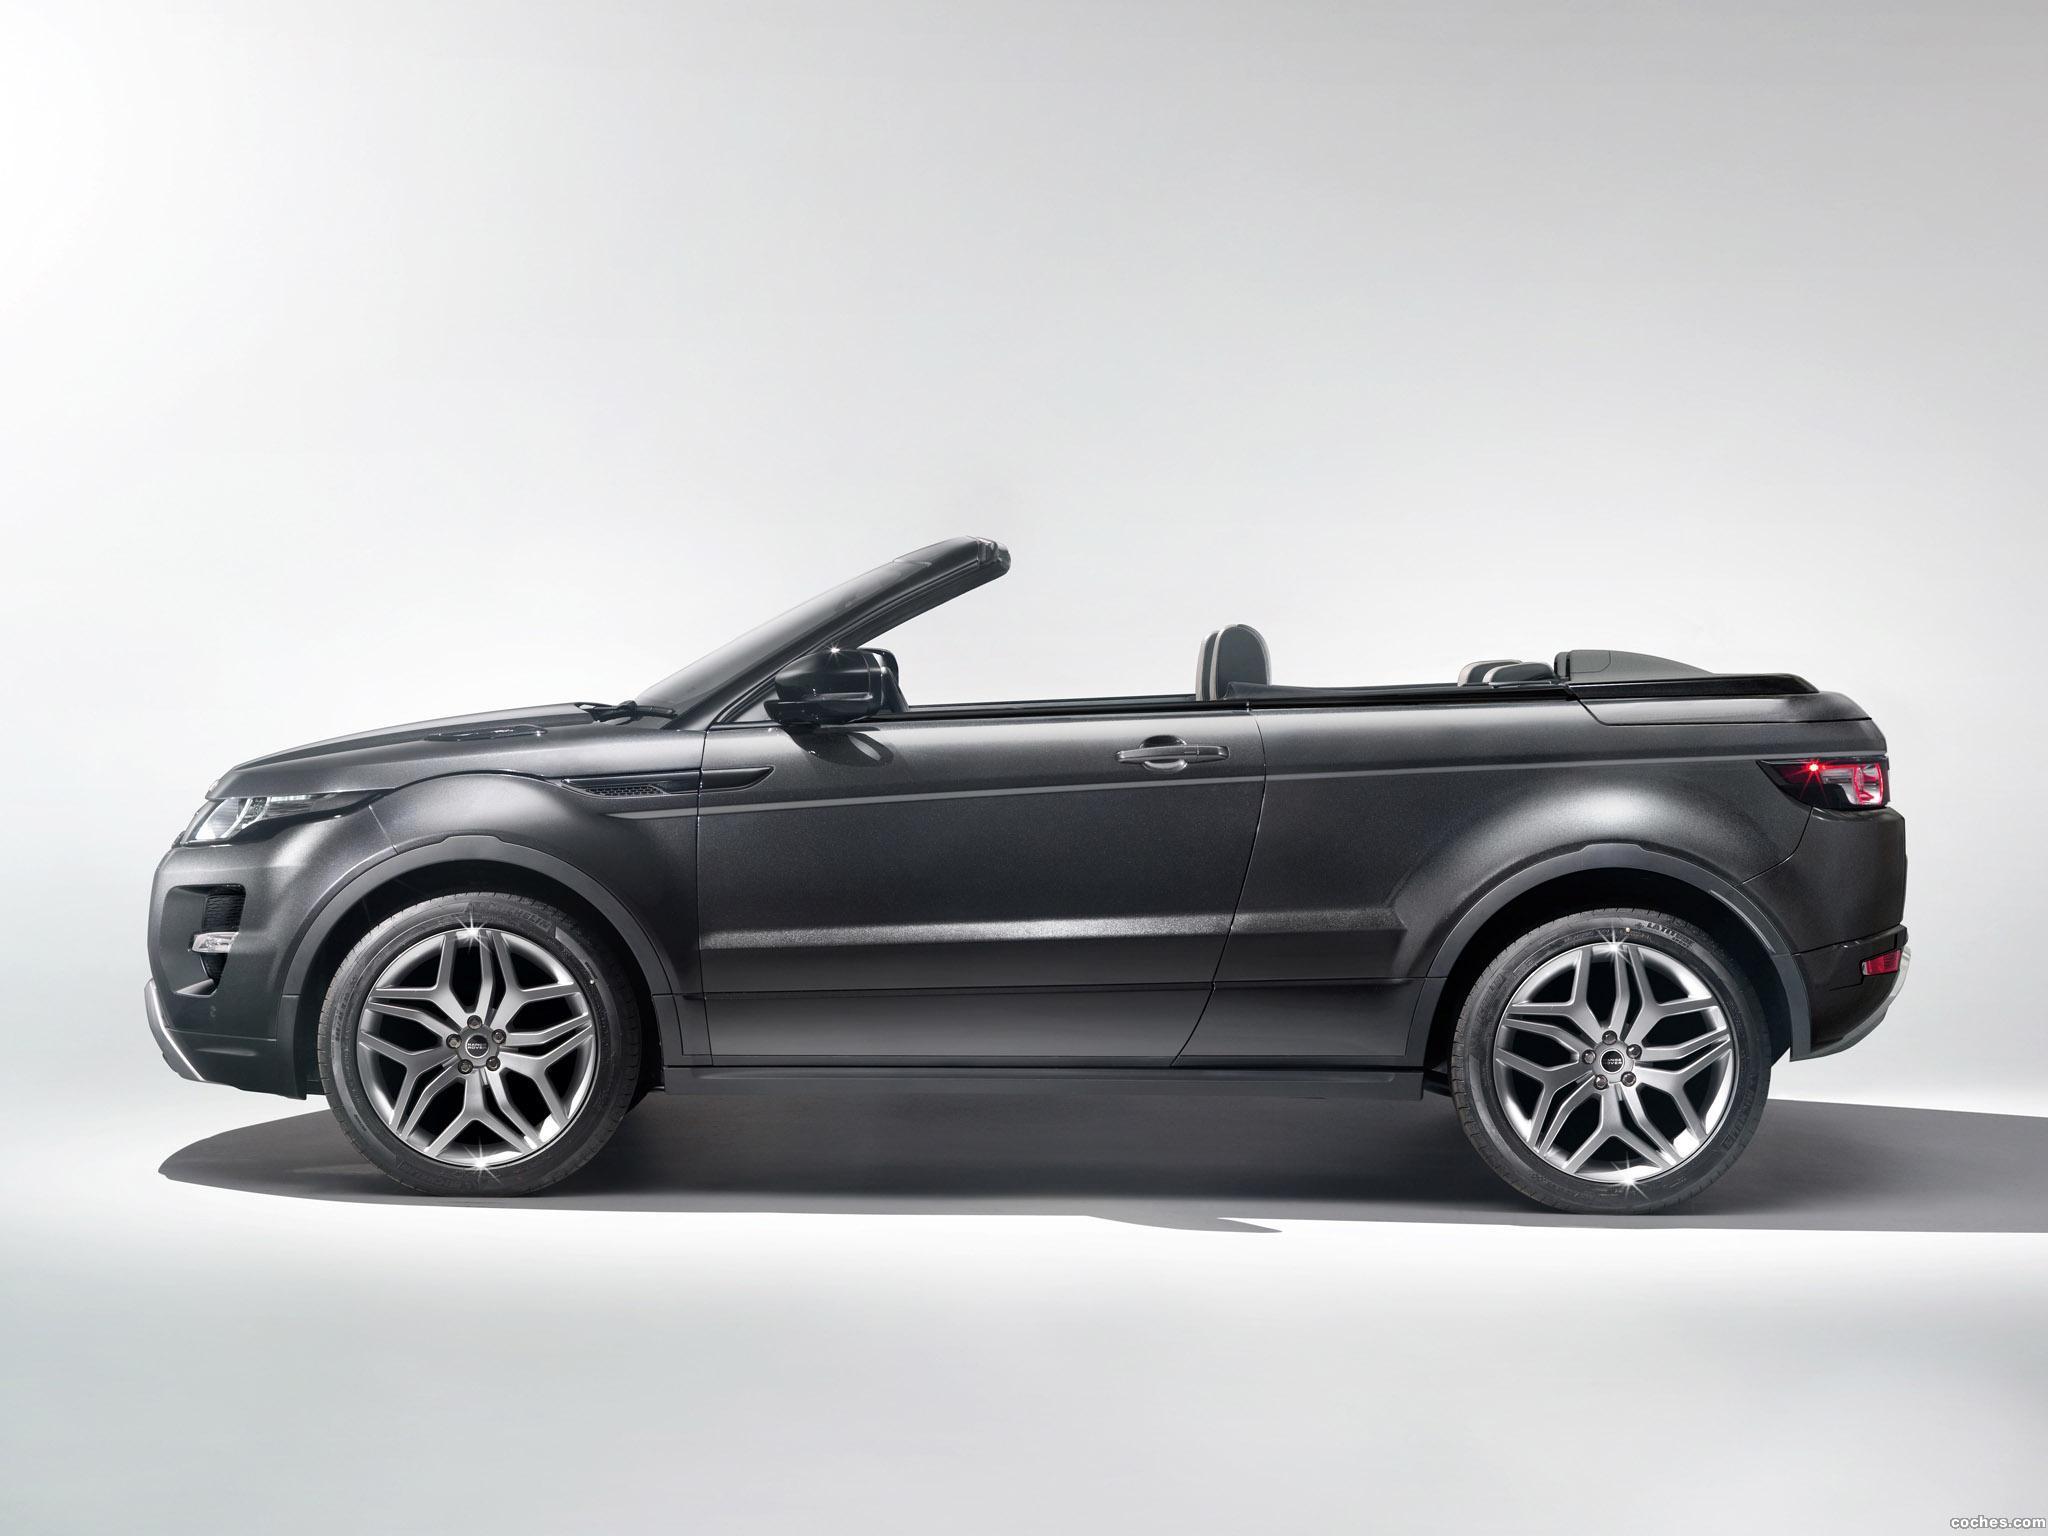 Foto 18 de Land Rover Range Rover Evoque Convertible Concept 2012